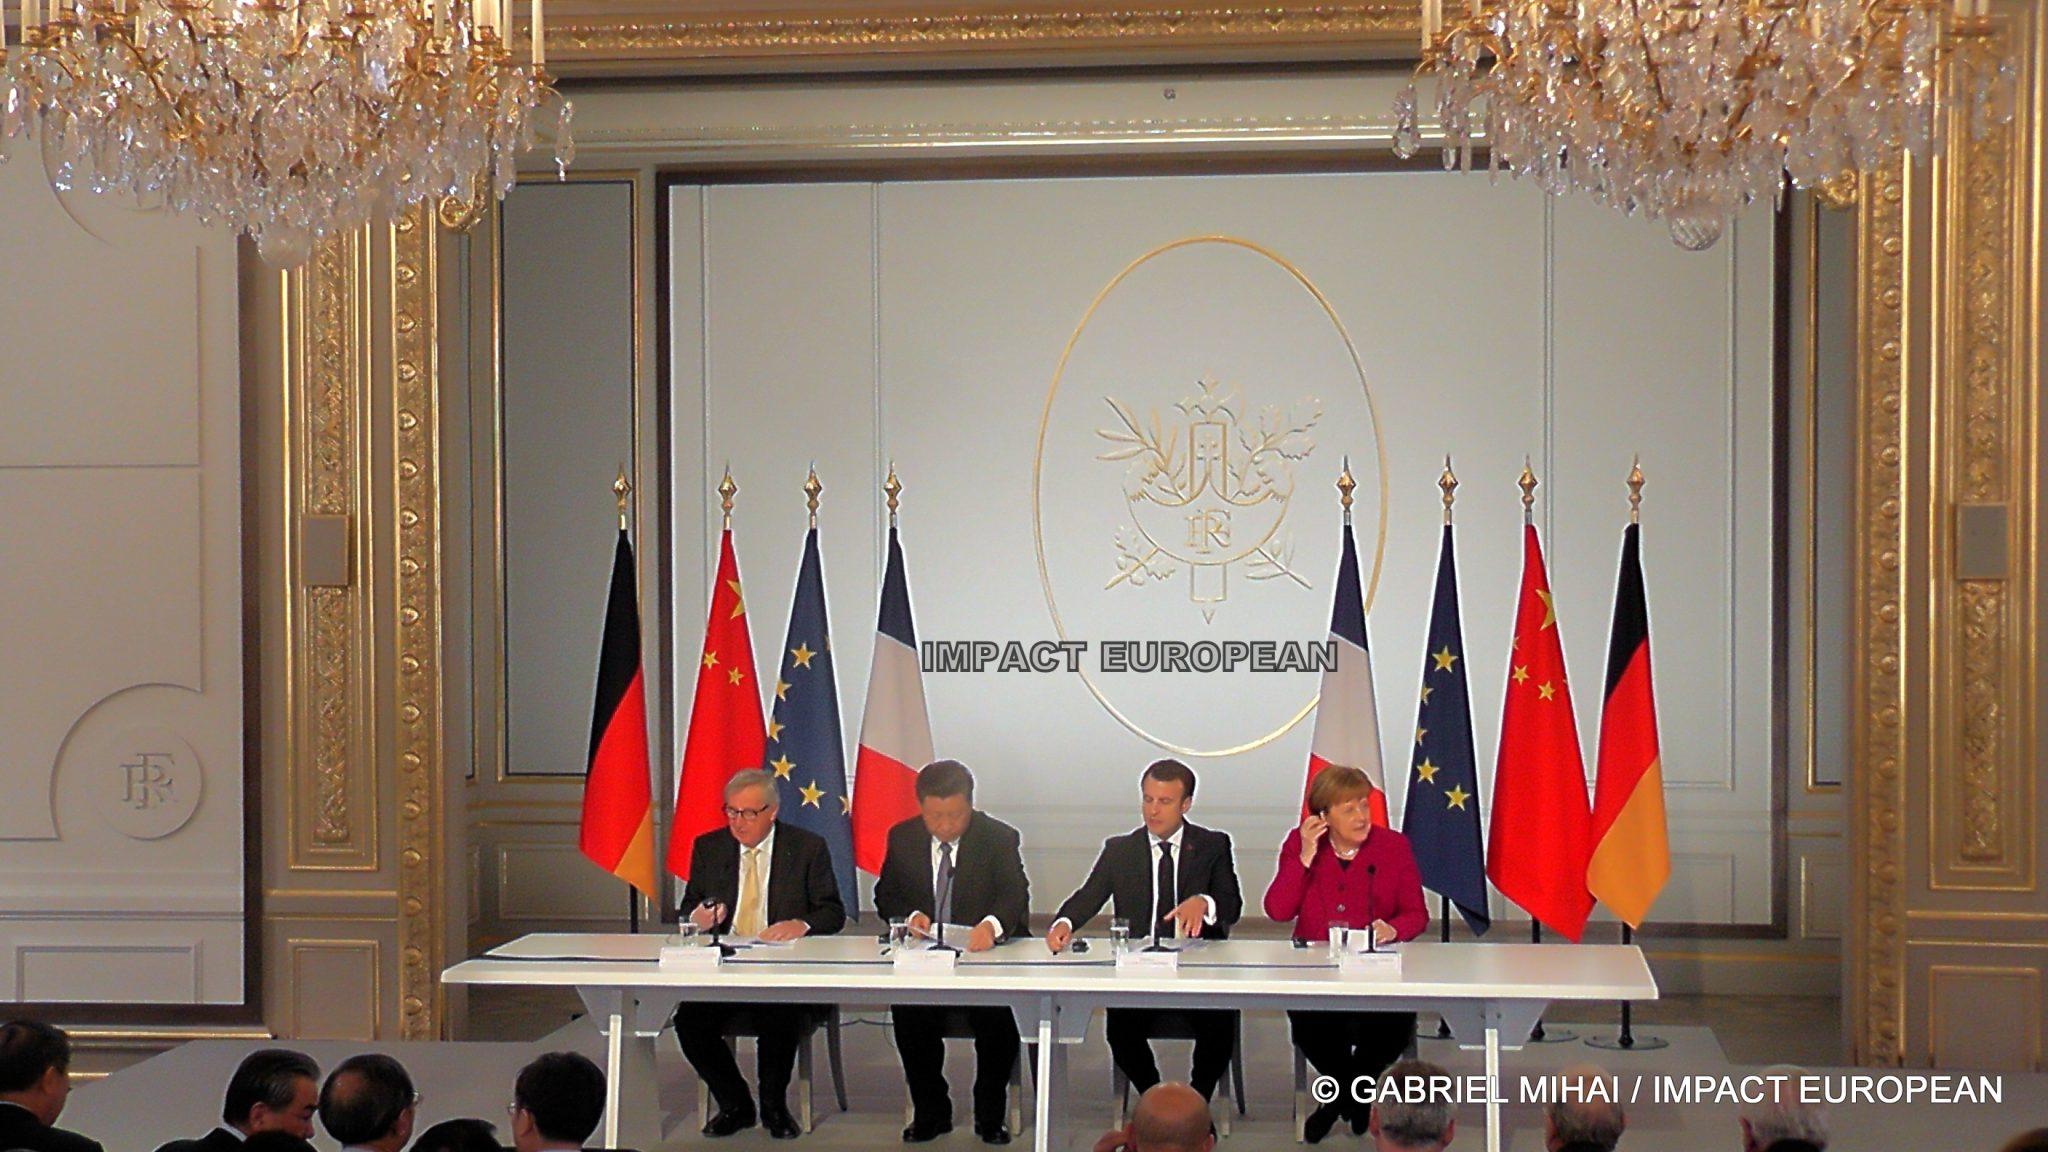 Chine: la visite de Xi renforce le partenariat avec l'Europe